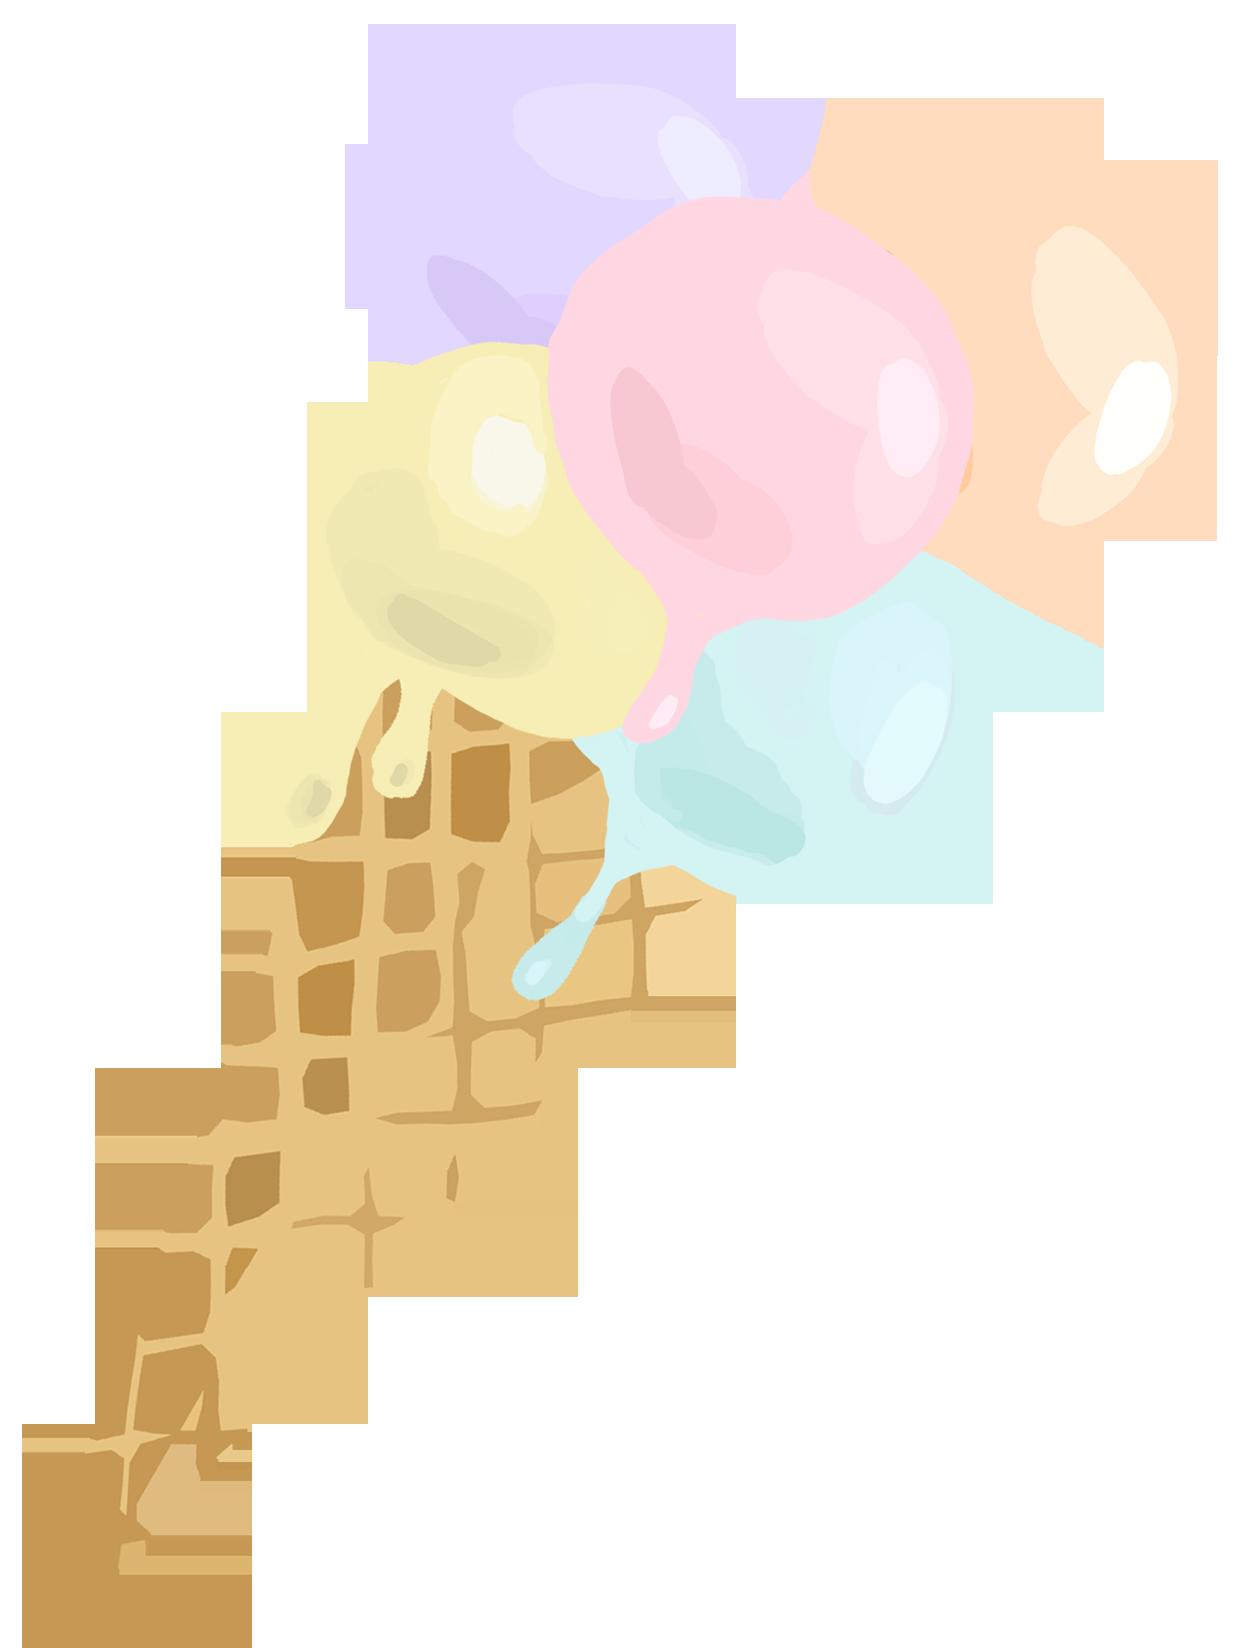 FORTINI'SreviewCongratulations you get 5 gelato! Great! - Отдаем высшую награду за радостные прогулки по историческому району, танцы в цветущем саду и настоящее колдовство на кухне!Но жаль, что нет постоянно работающего бара и время заезда до 18.00 часов.